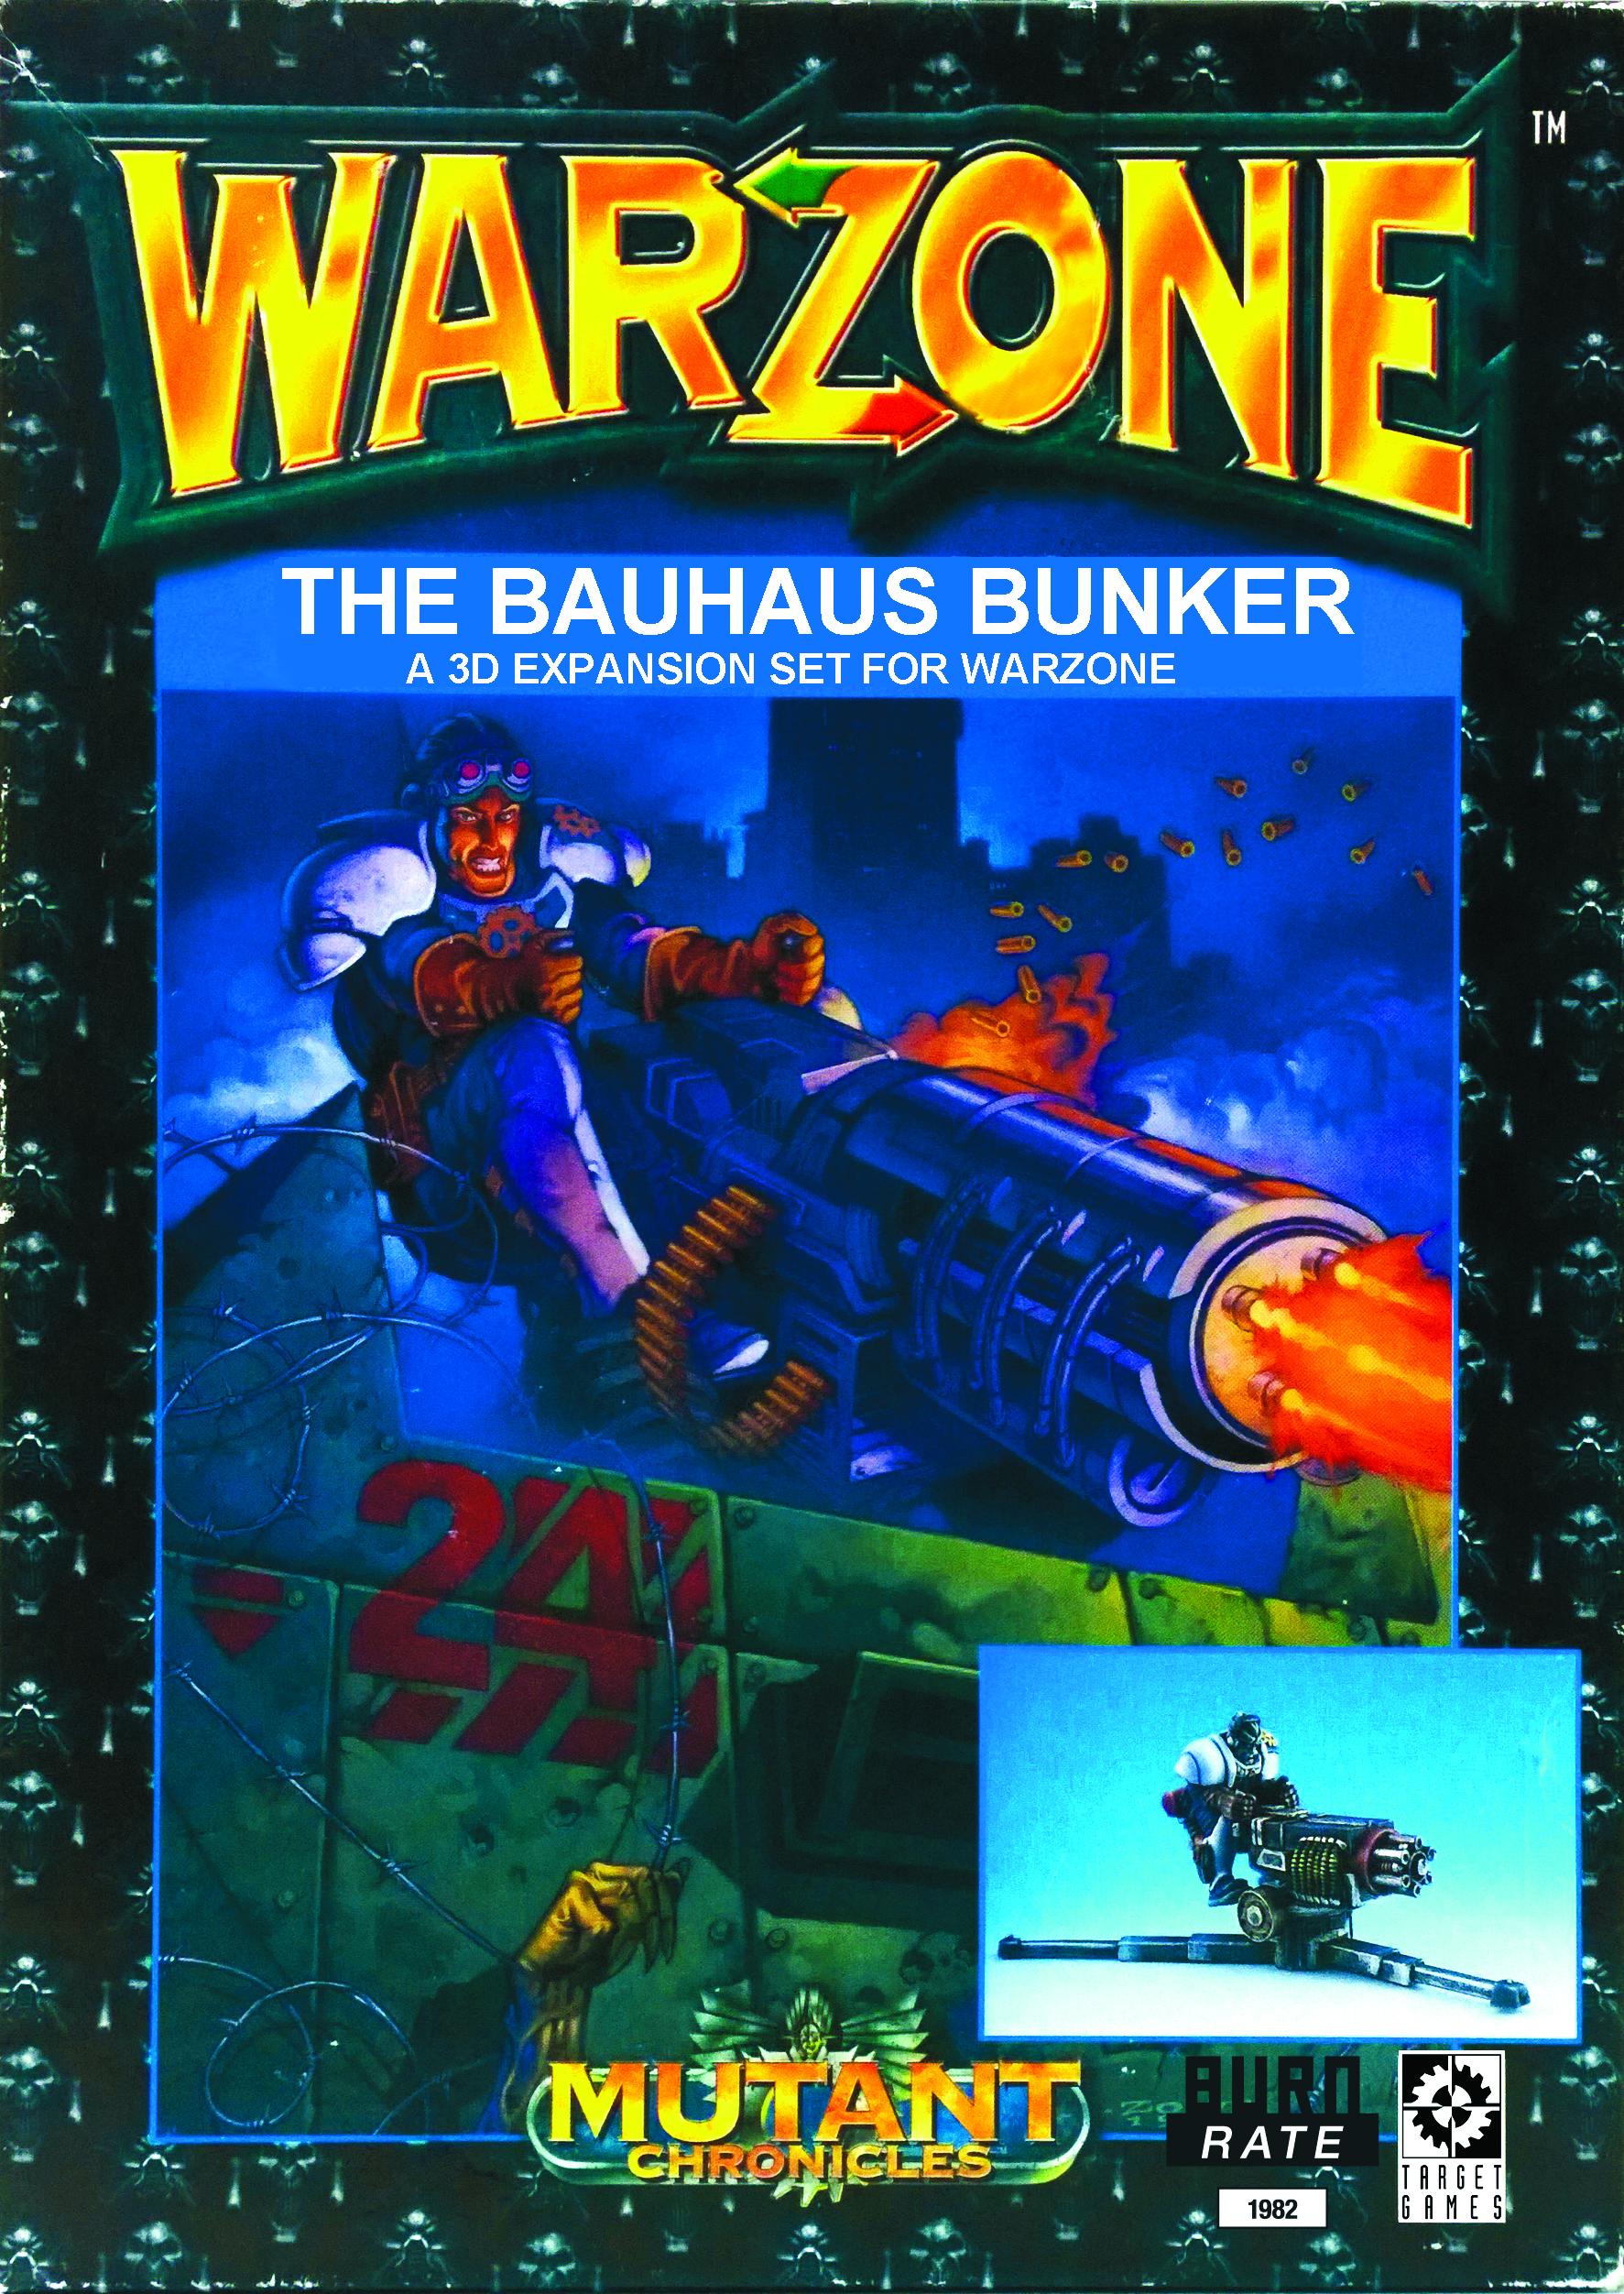 BAUHAUS BUNKER POSTCARD VORDERSEITE.jpg